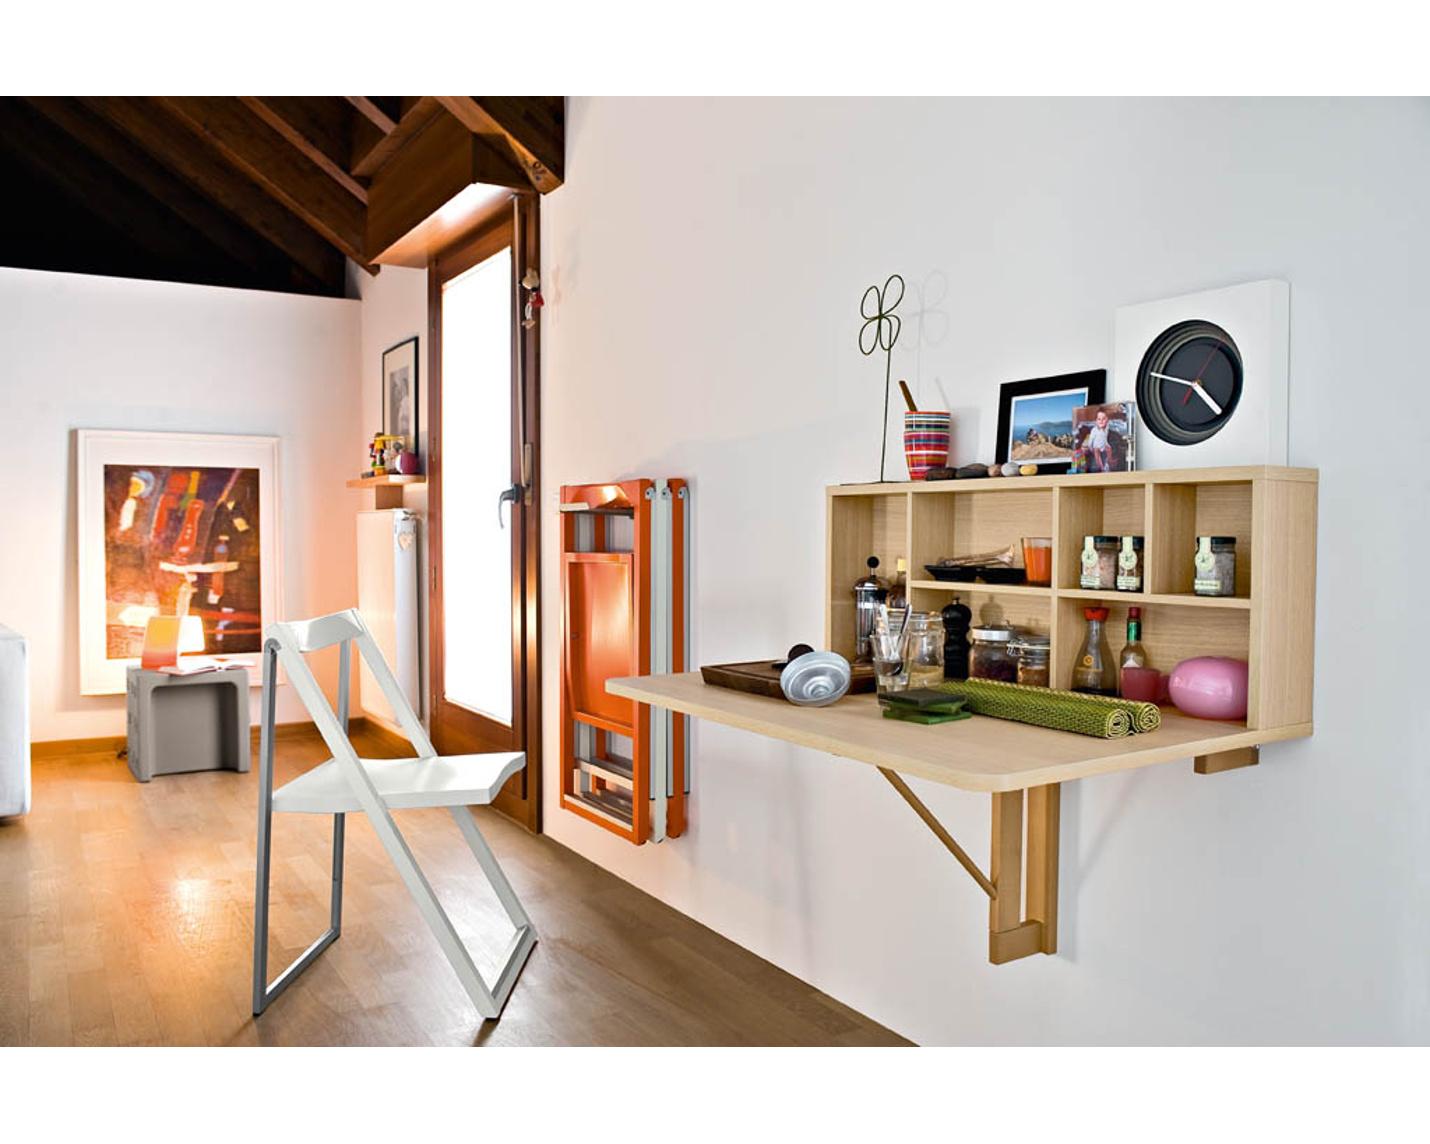 Офис в шкафу.дизайн интерьера офиса 15 фото.